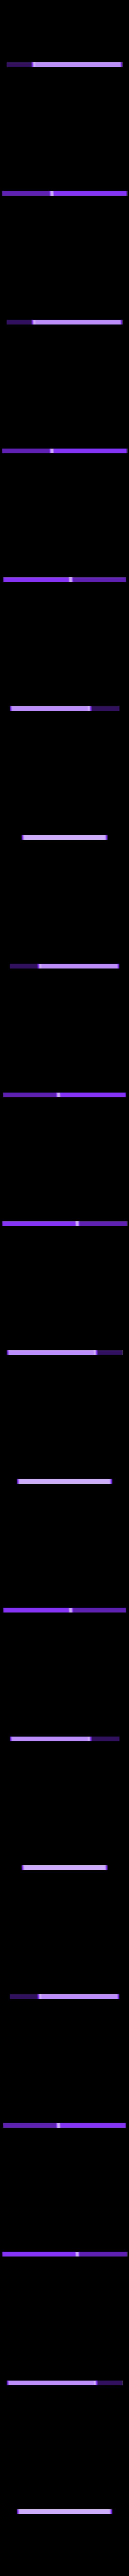 cover.STL Télécharger fichier STL gratuit Minuterie d'alimentation pour imprimante 3d • Design pour imprimante 3D, Nessun_Dorma